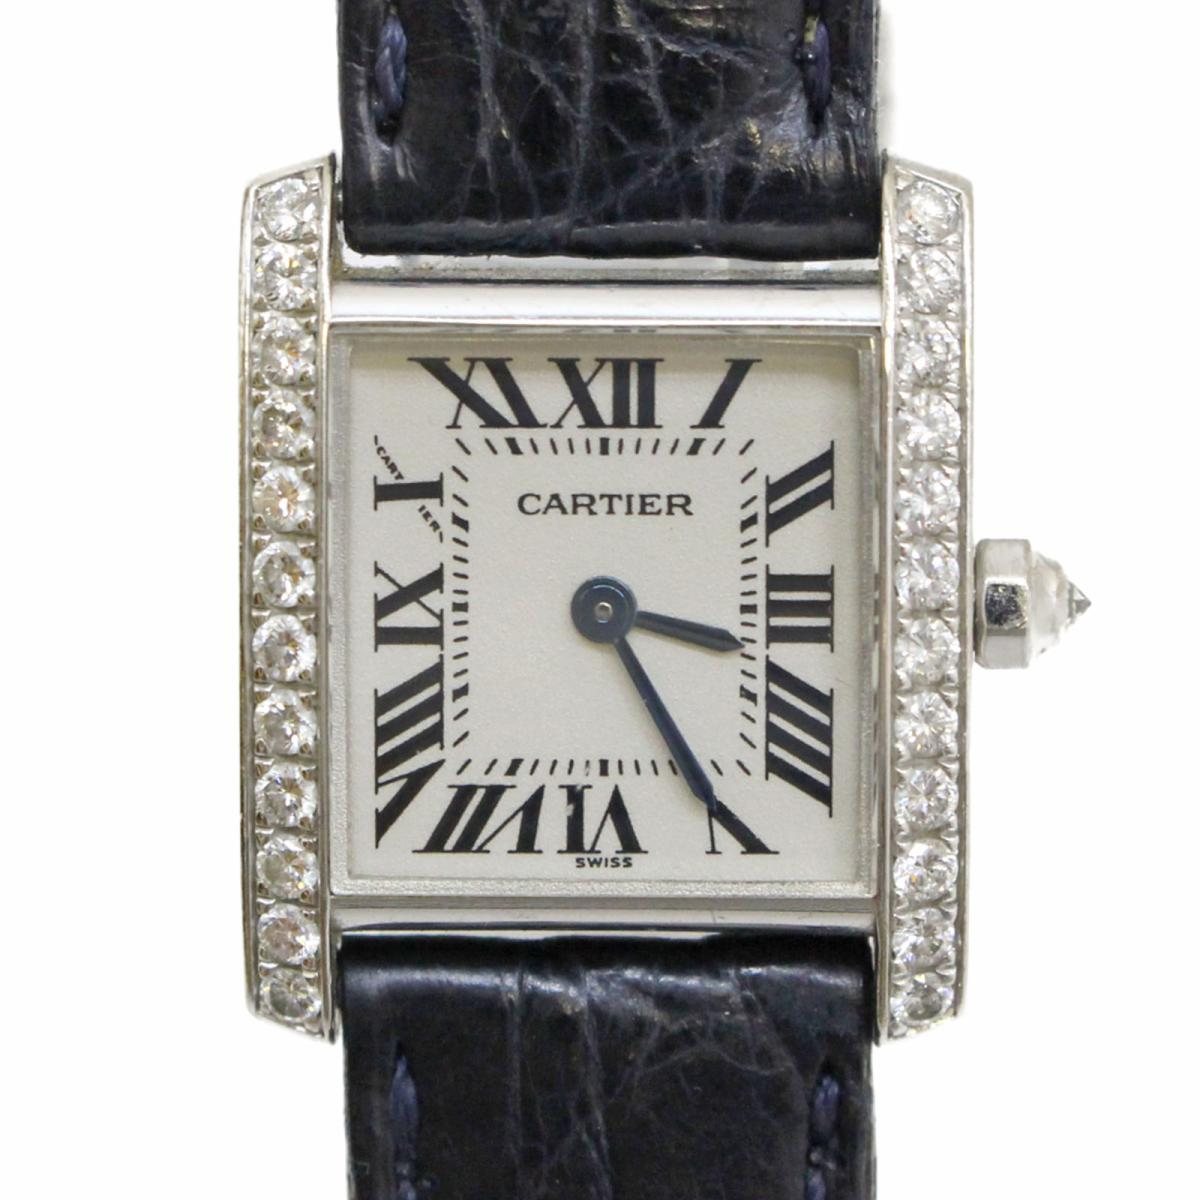 【中古】 カルティエ タンクフランセーズSM サイドダイヤ 時計 ウォッチ レディース K18WG (750) ホワイトゴールド ダイヤ レザーベルト | Cartier BRANDOFF ブランドオフ ブランド ブランド時計 ブランド腕時計 腕時計